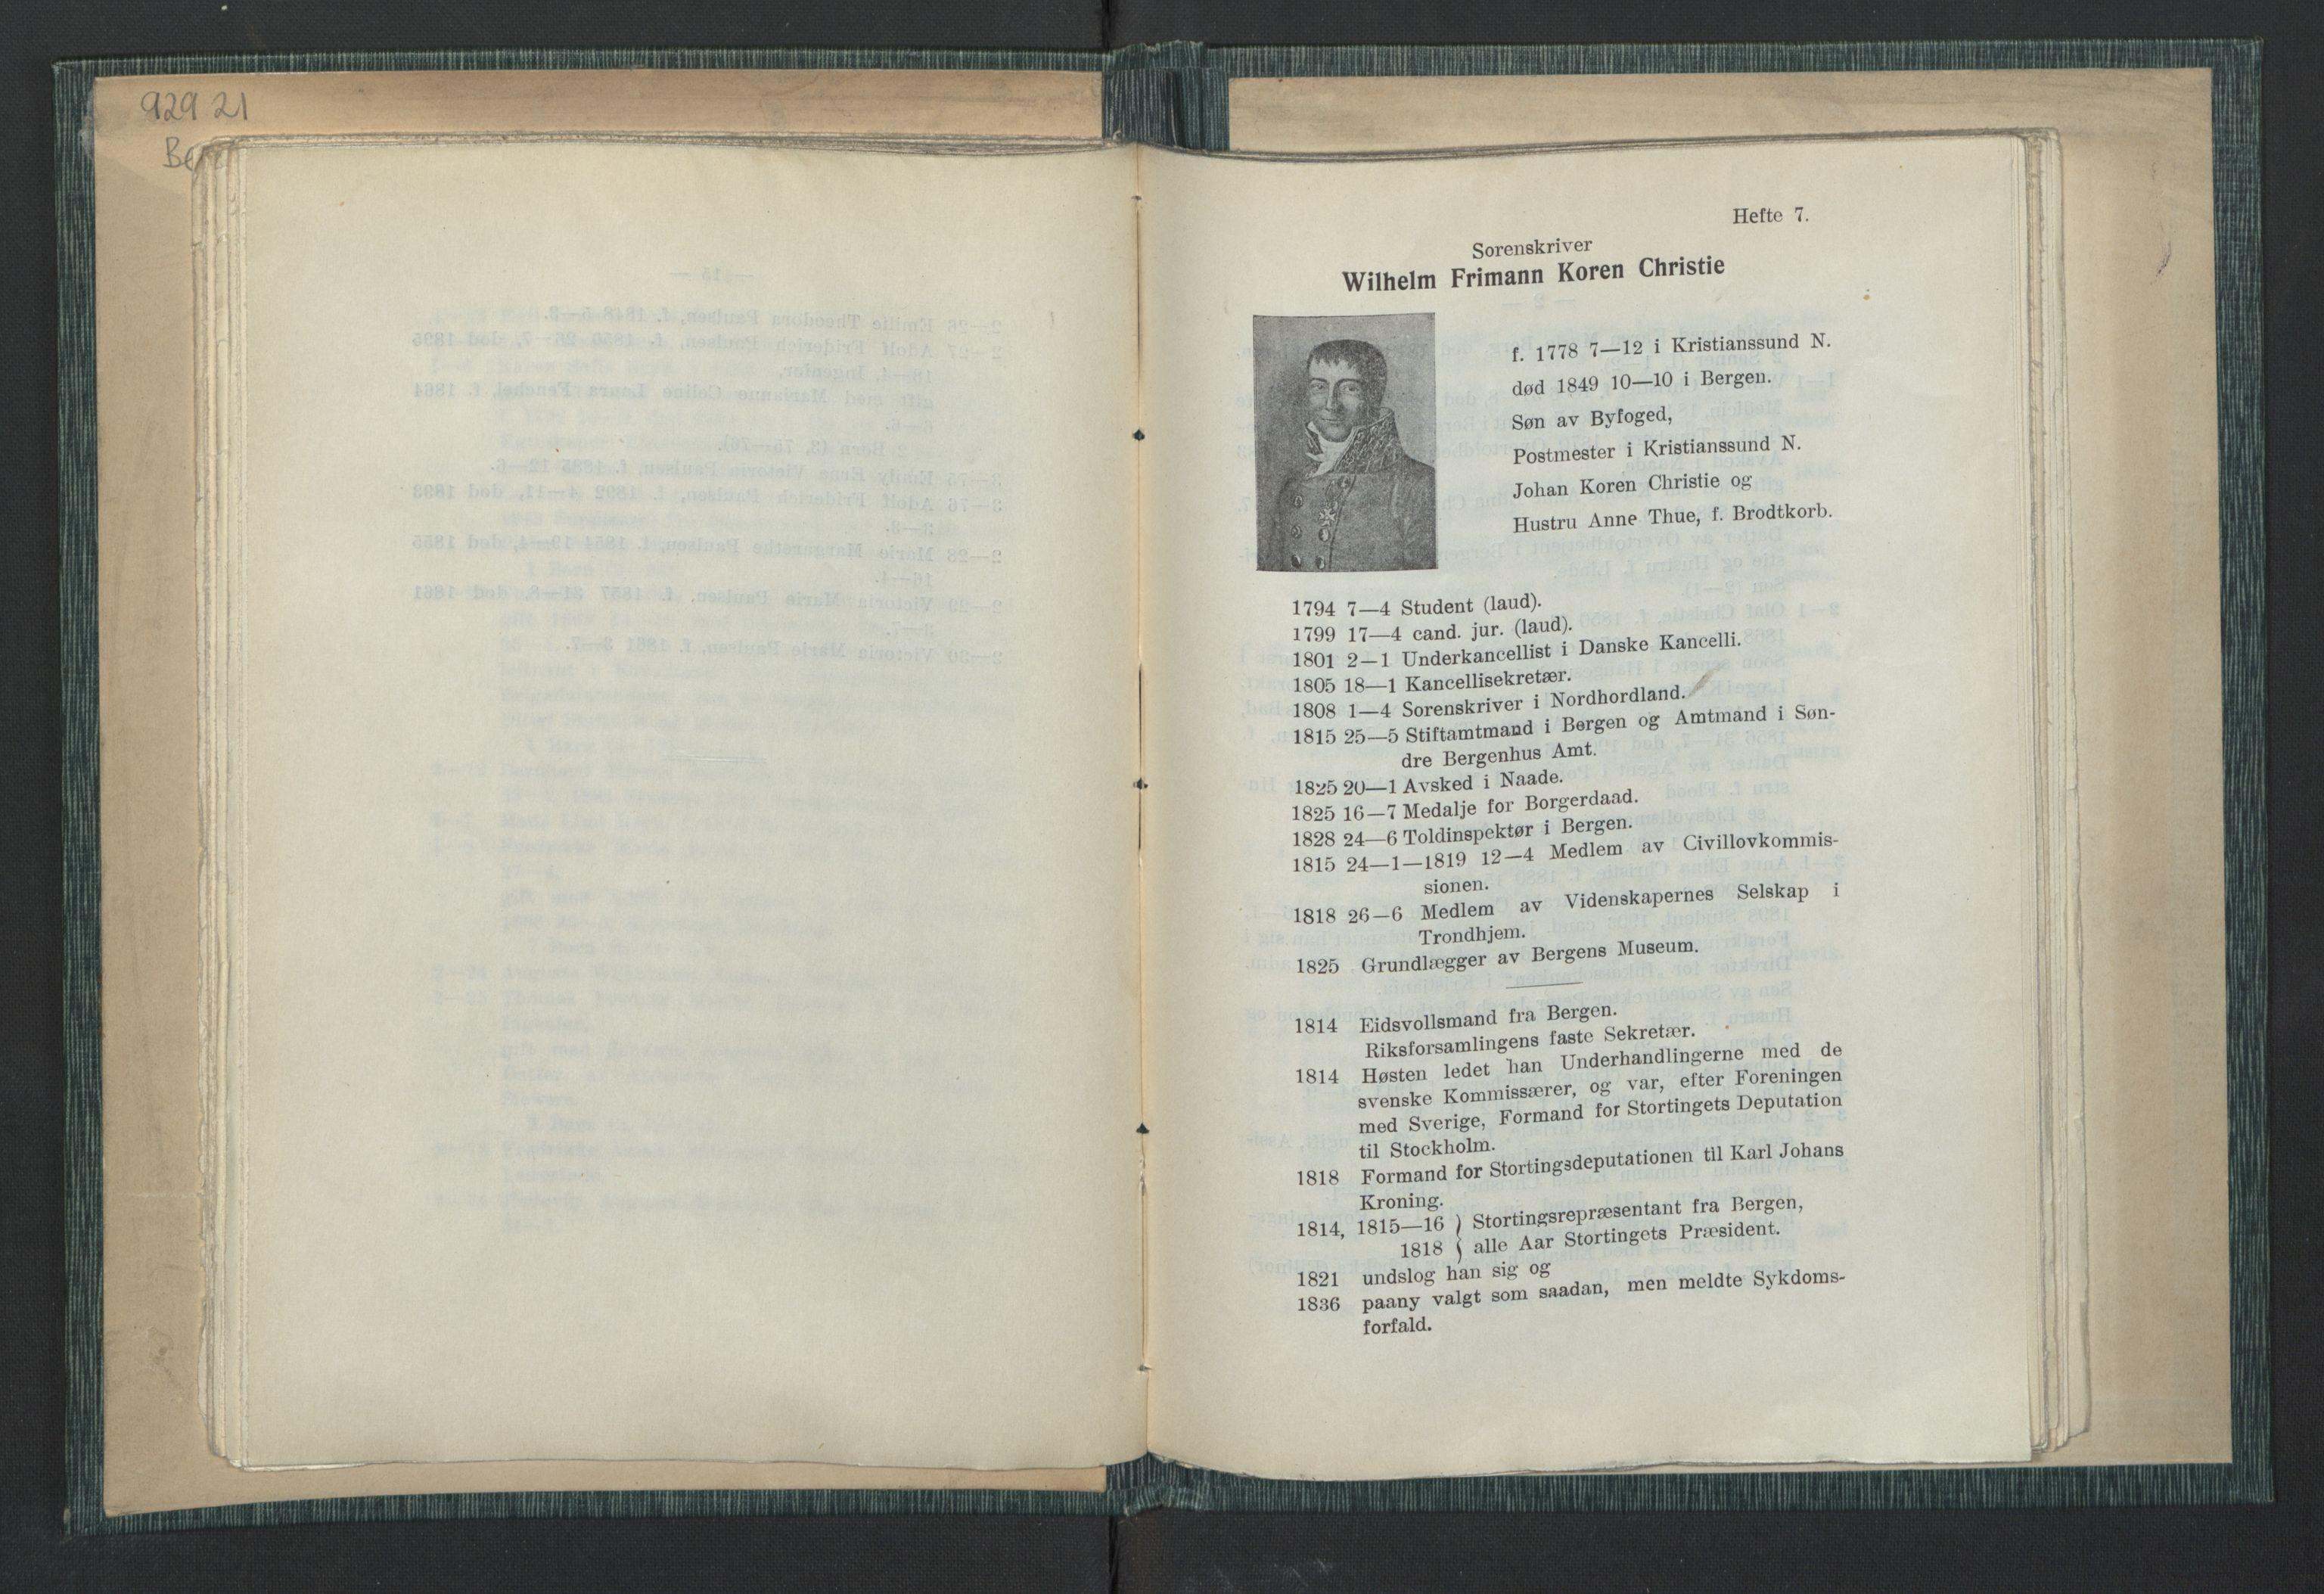 RA, Publikasjoner*, 1914, s. 33